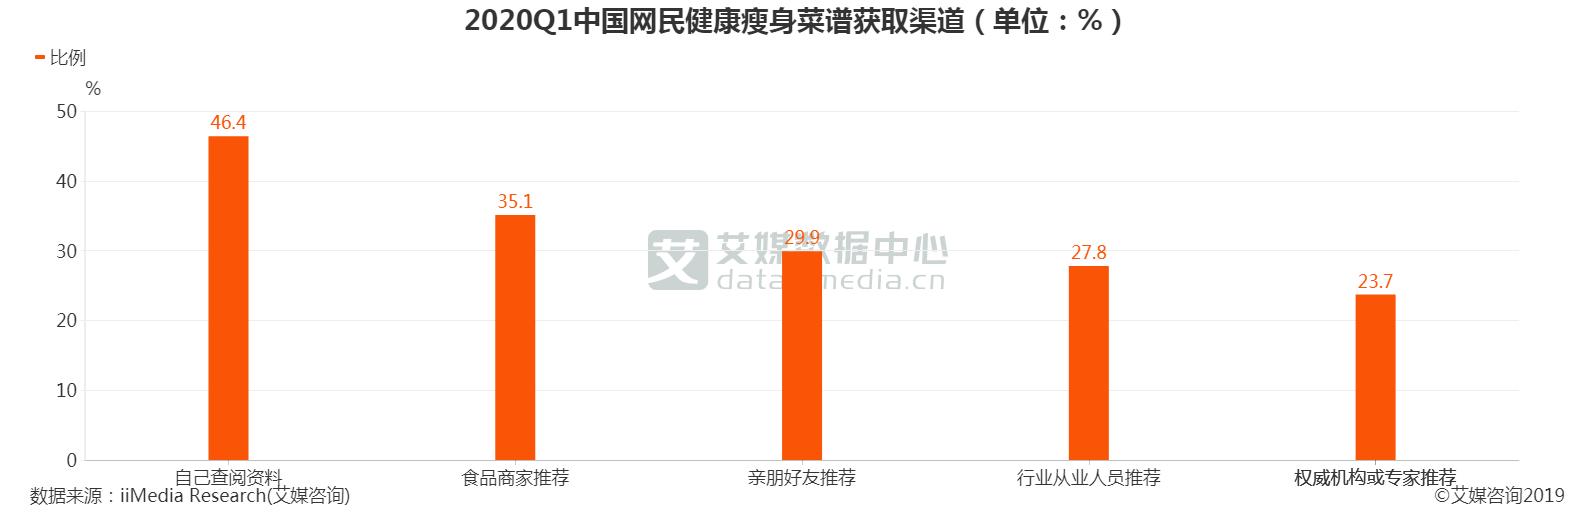 中国网民健康瘦身菜谱获取渠道